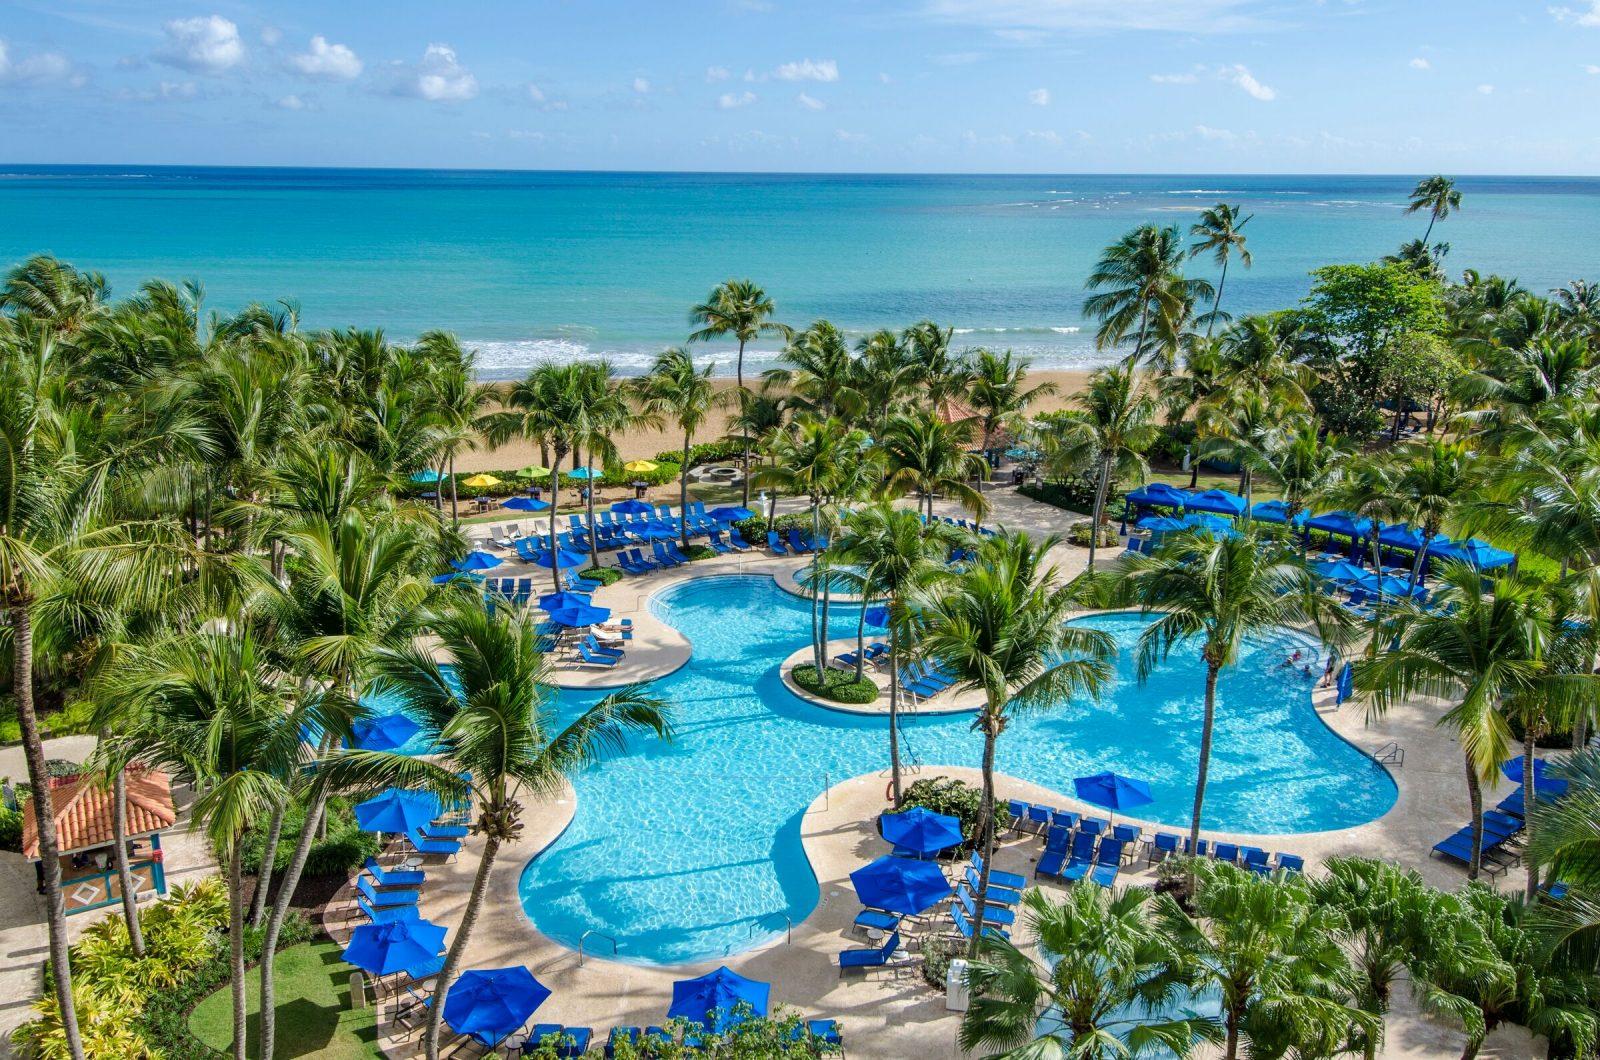 Отели Wyndham потеряли млн. из-за ураганов